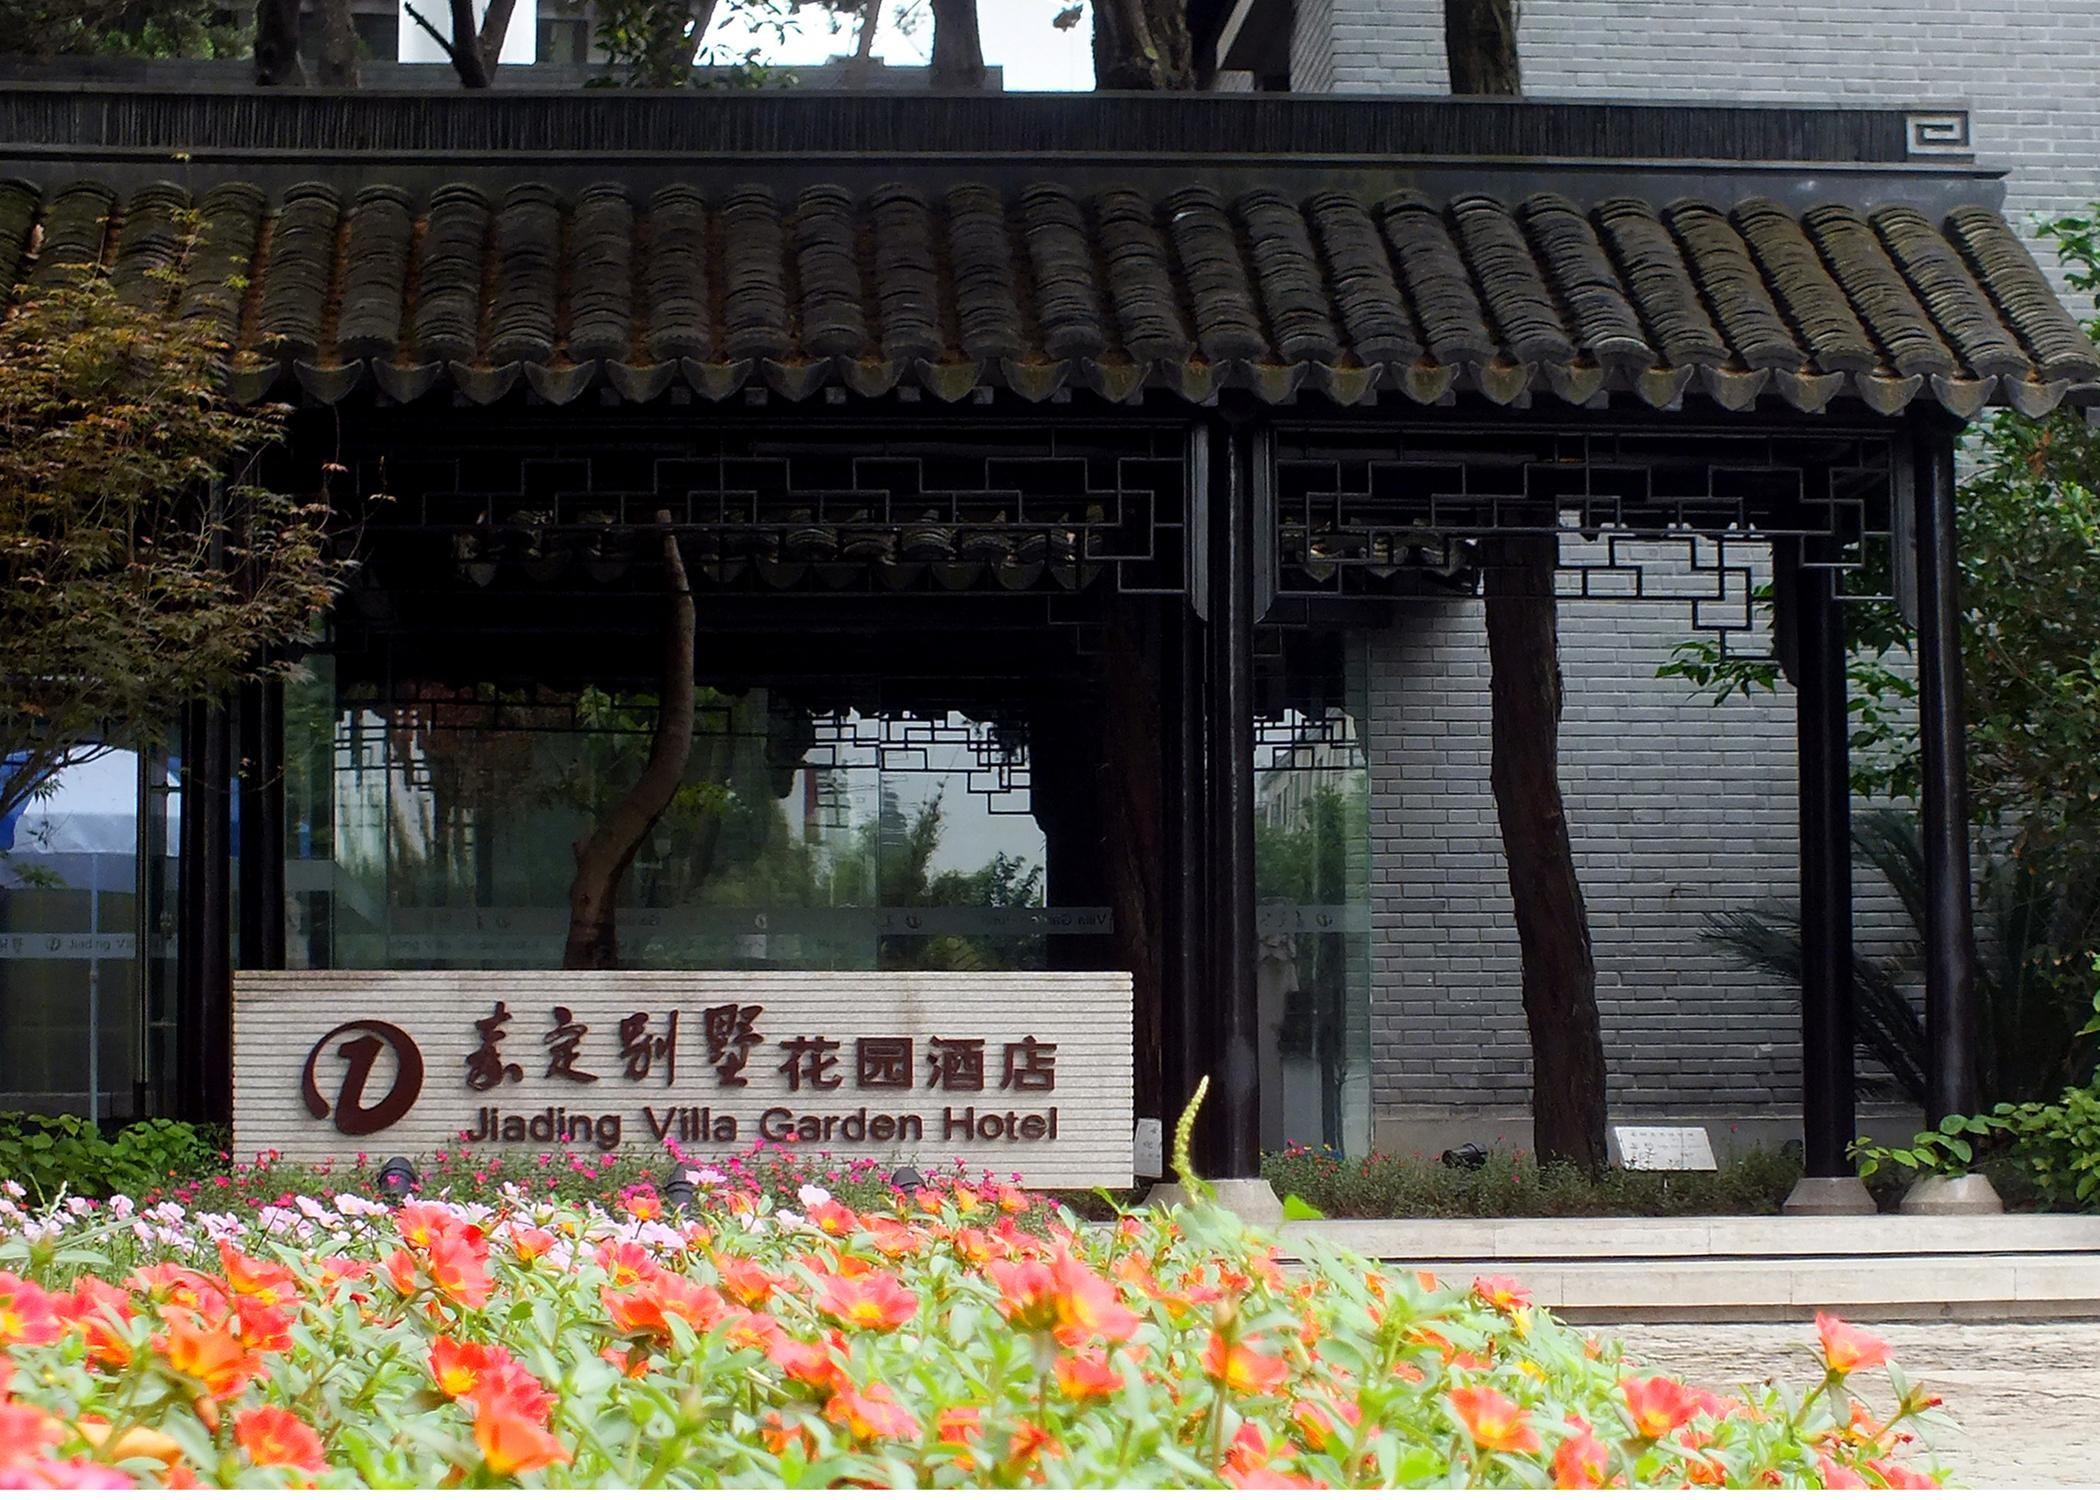 上海市第五批优秀历史建筑嘉定有4处 - tjmwxq - tjmwxq的博客